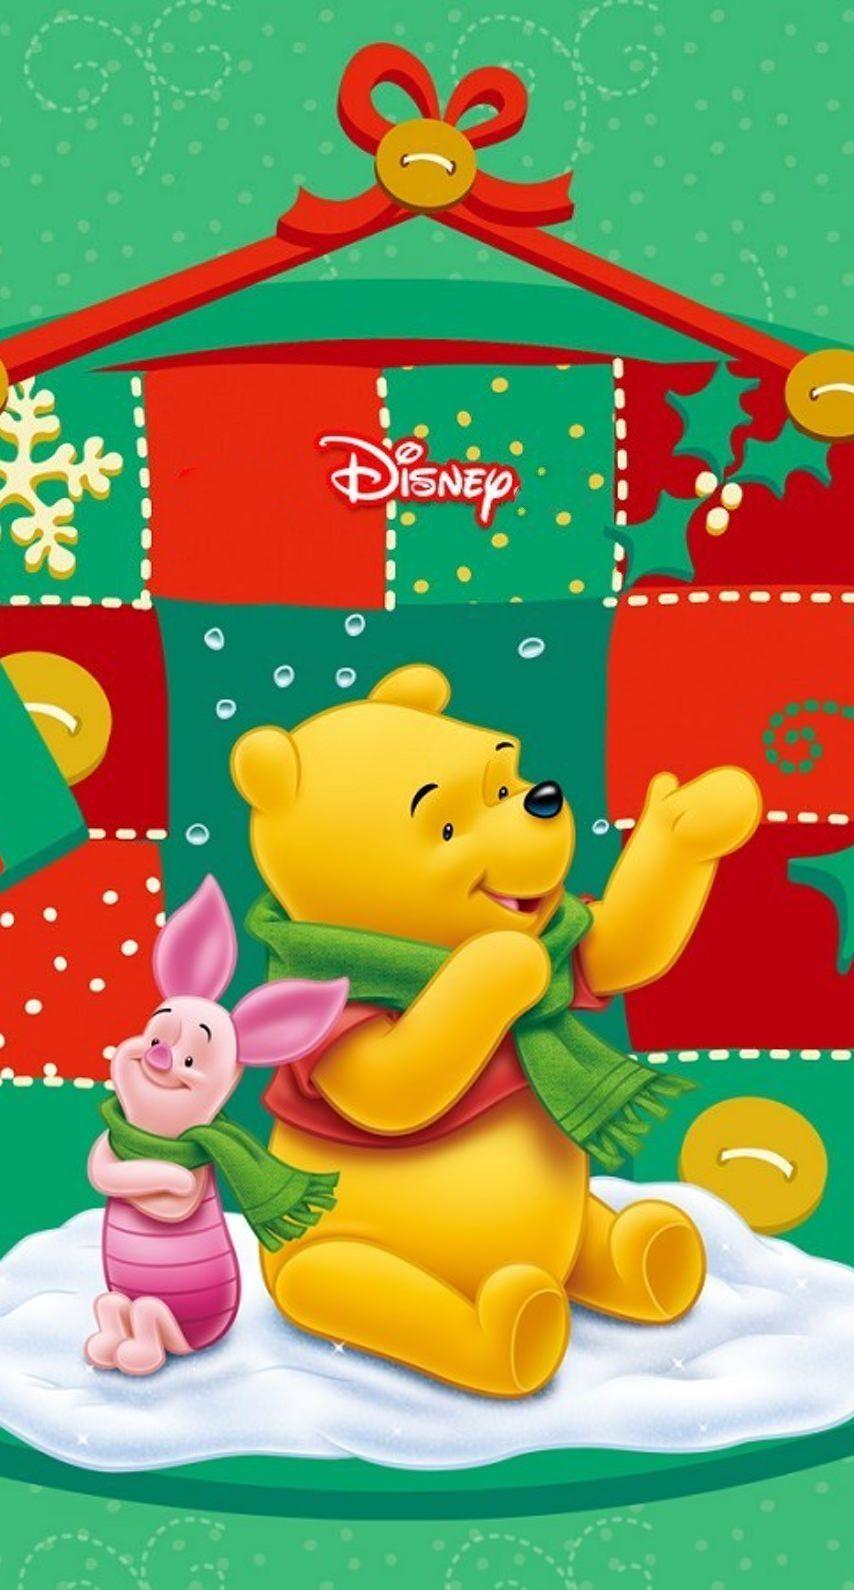 Winnie The Pooh Christmas Winnie The Pooh Christmas With Winnie